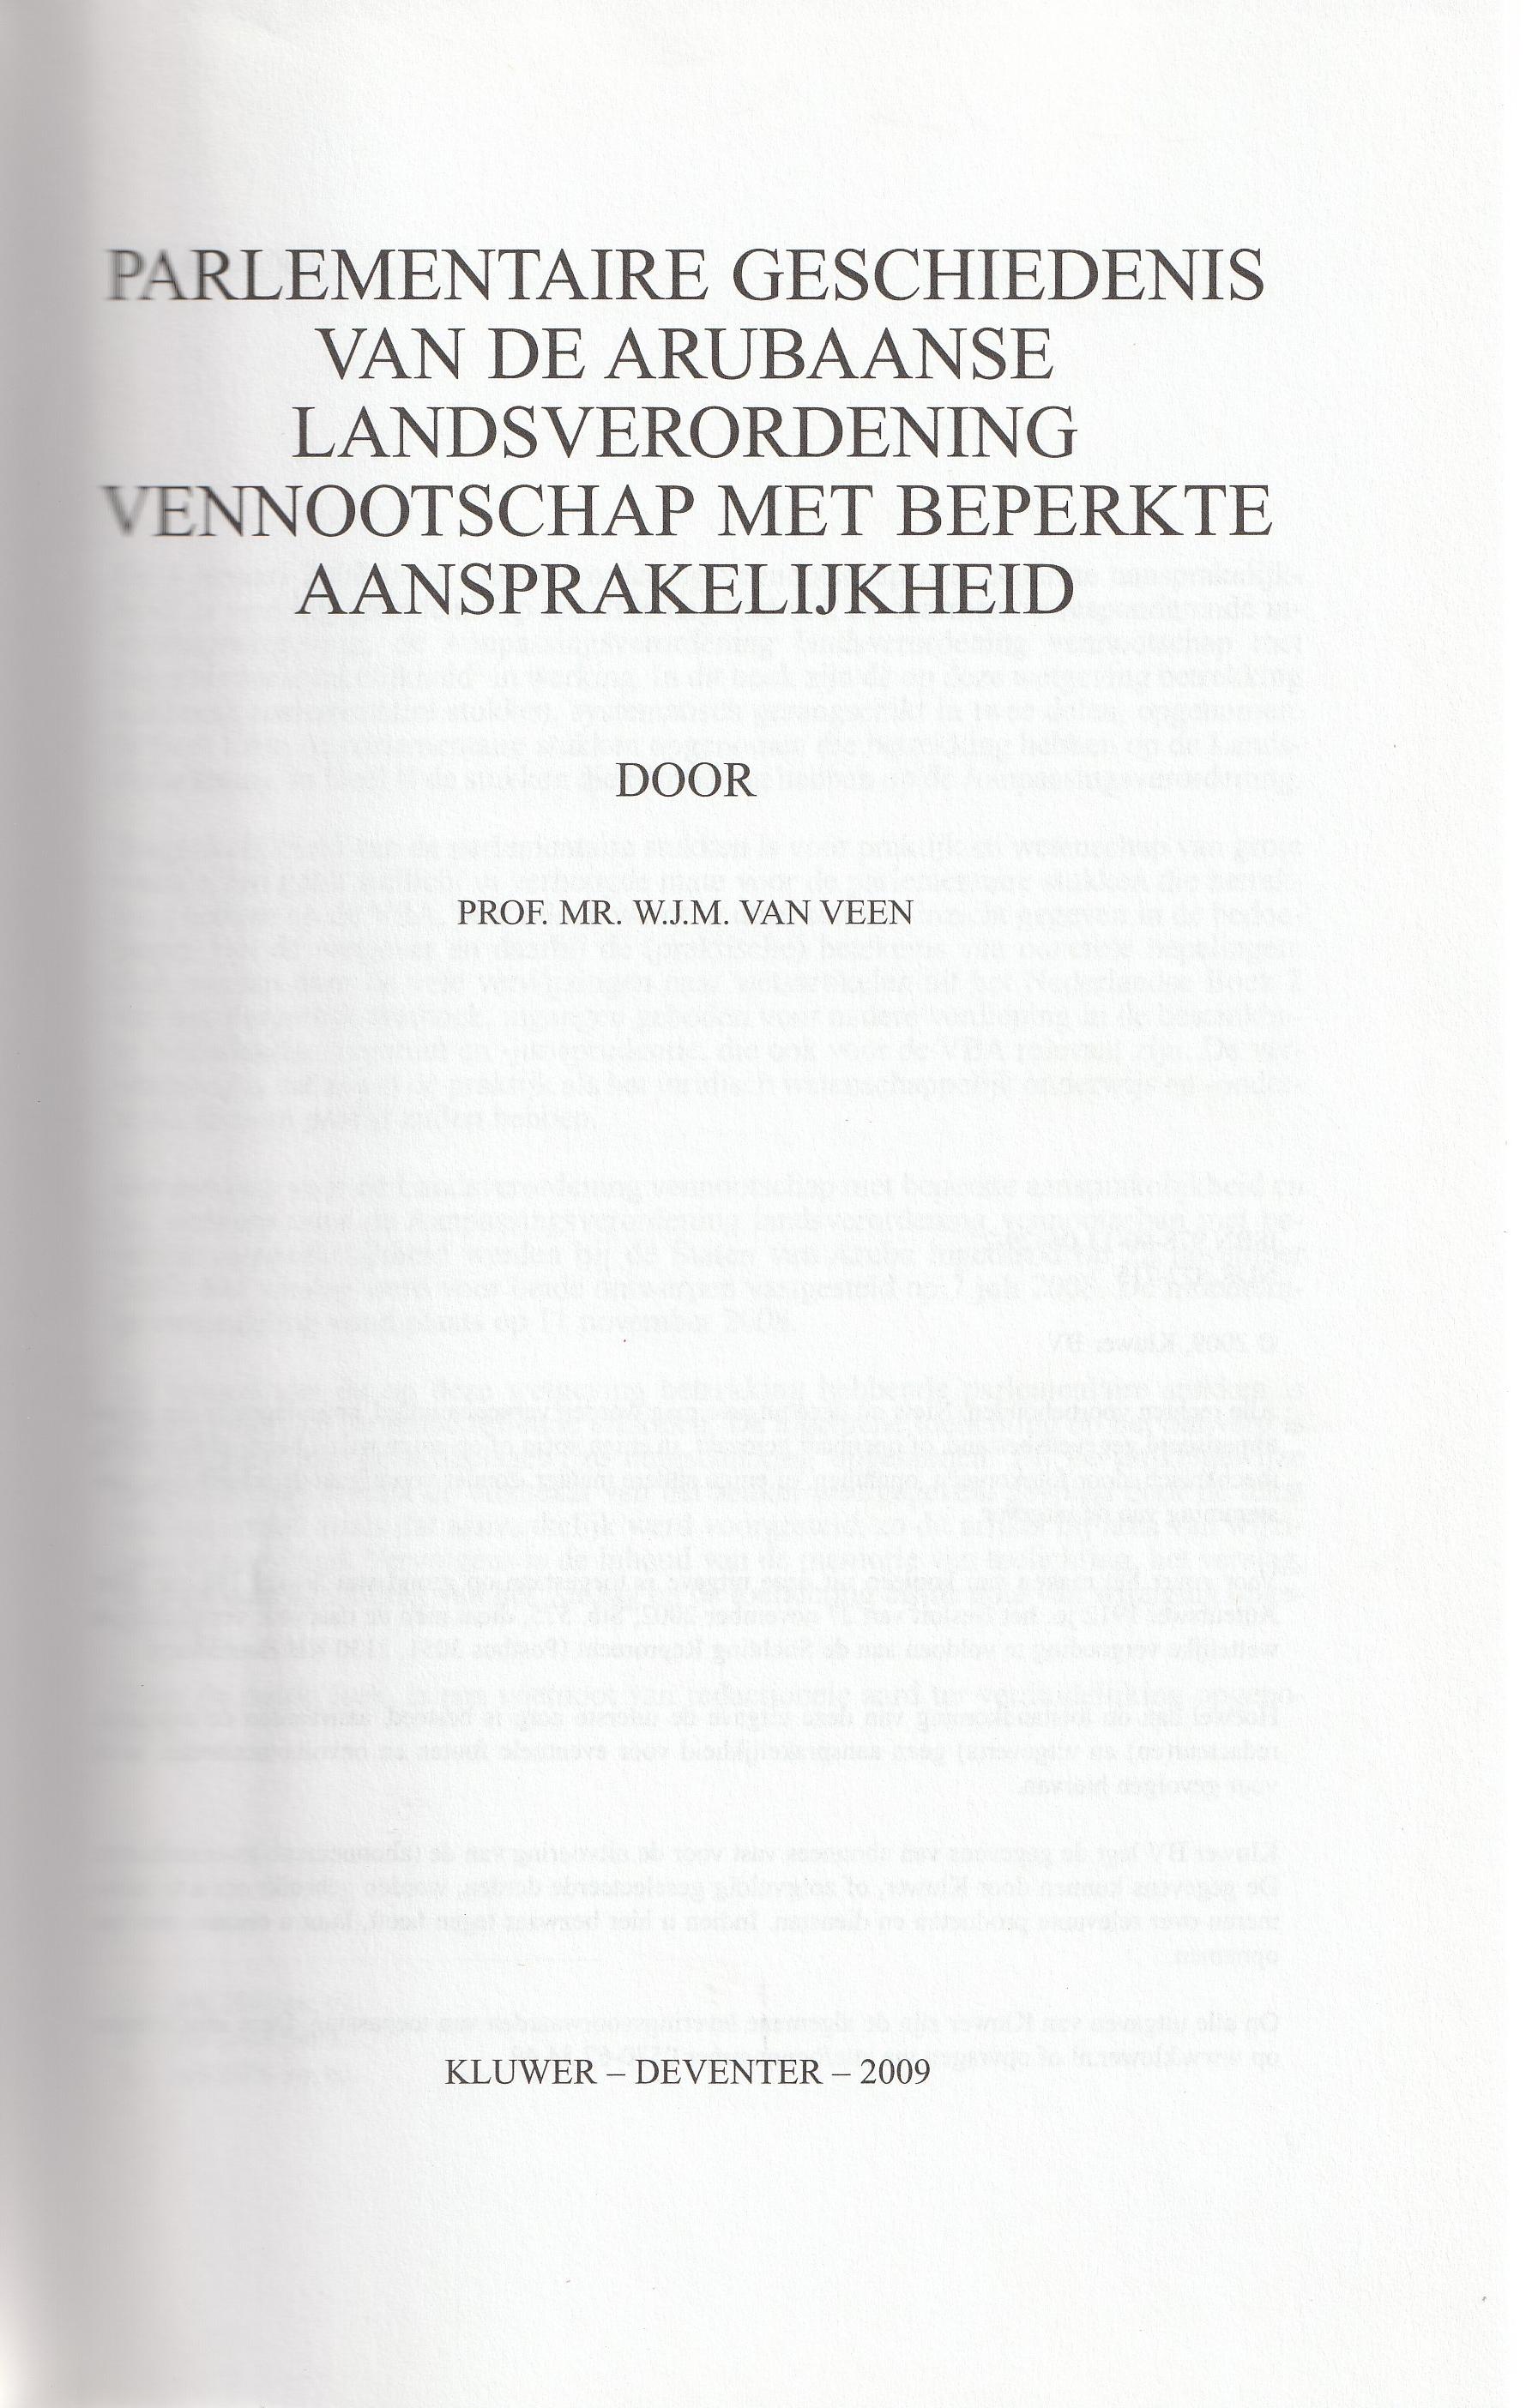 Parlementaire Geschiedenis van de Arubaanse Landsverordening vennootschap met beperkte aansprakelijkheid